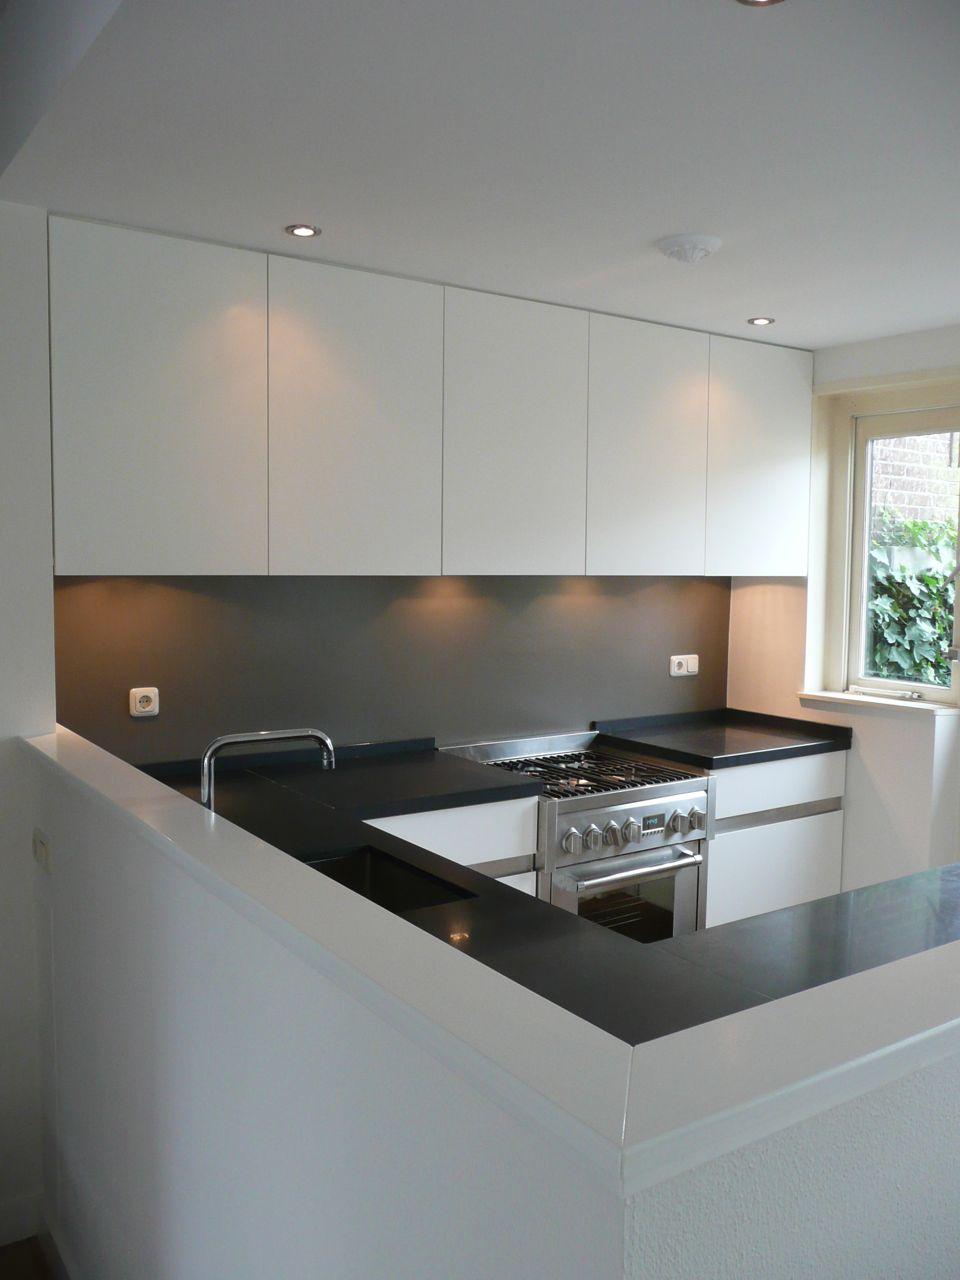 Compacte Keuken In Kast : en s hertogenbosch compacte keukens voor uw appartement twee compacte